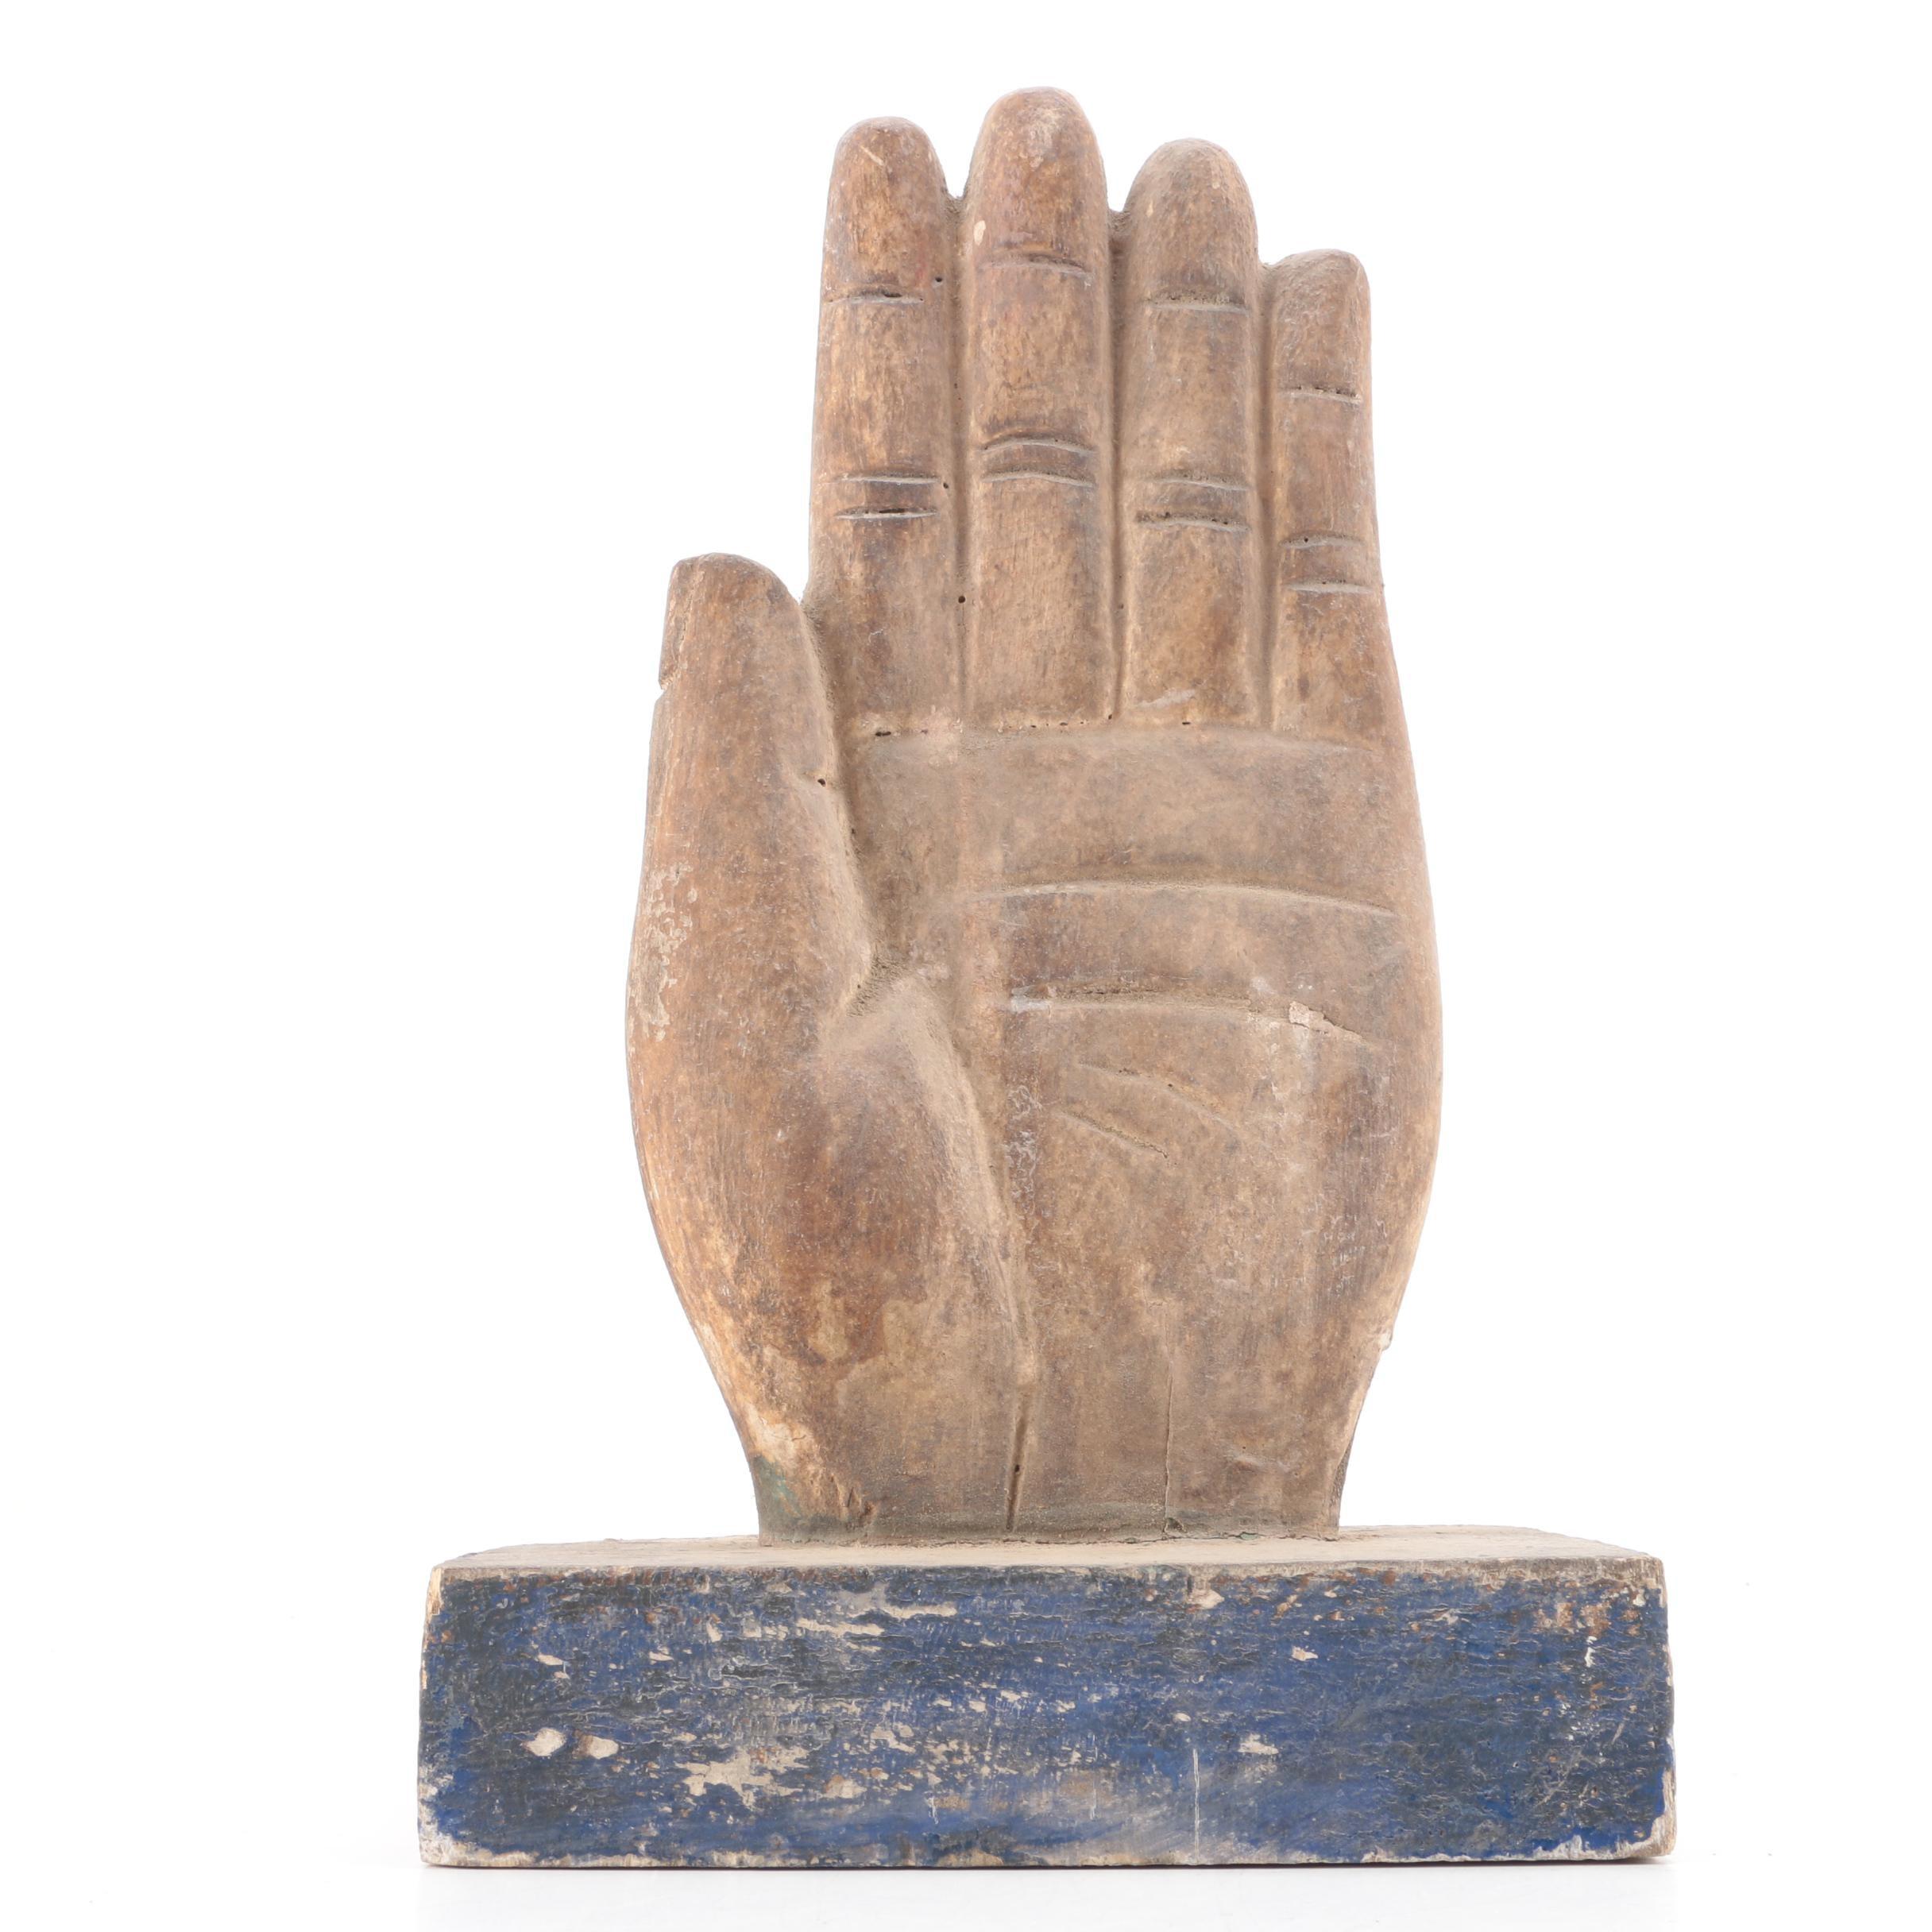 Handcrafted Wooden Open-Hand Sculpture